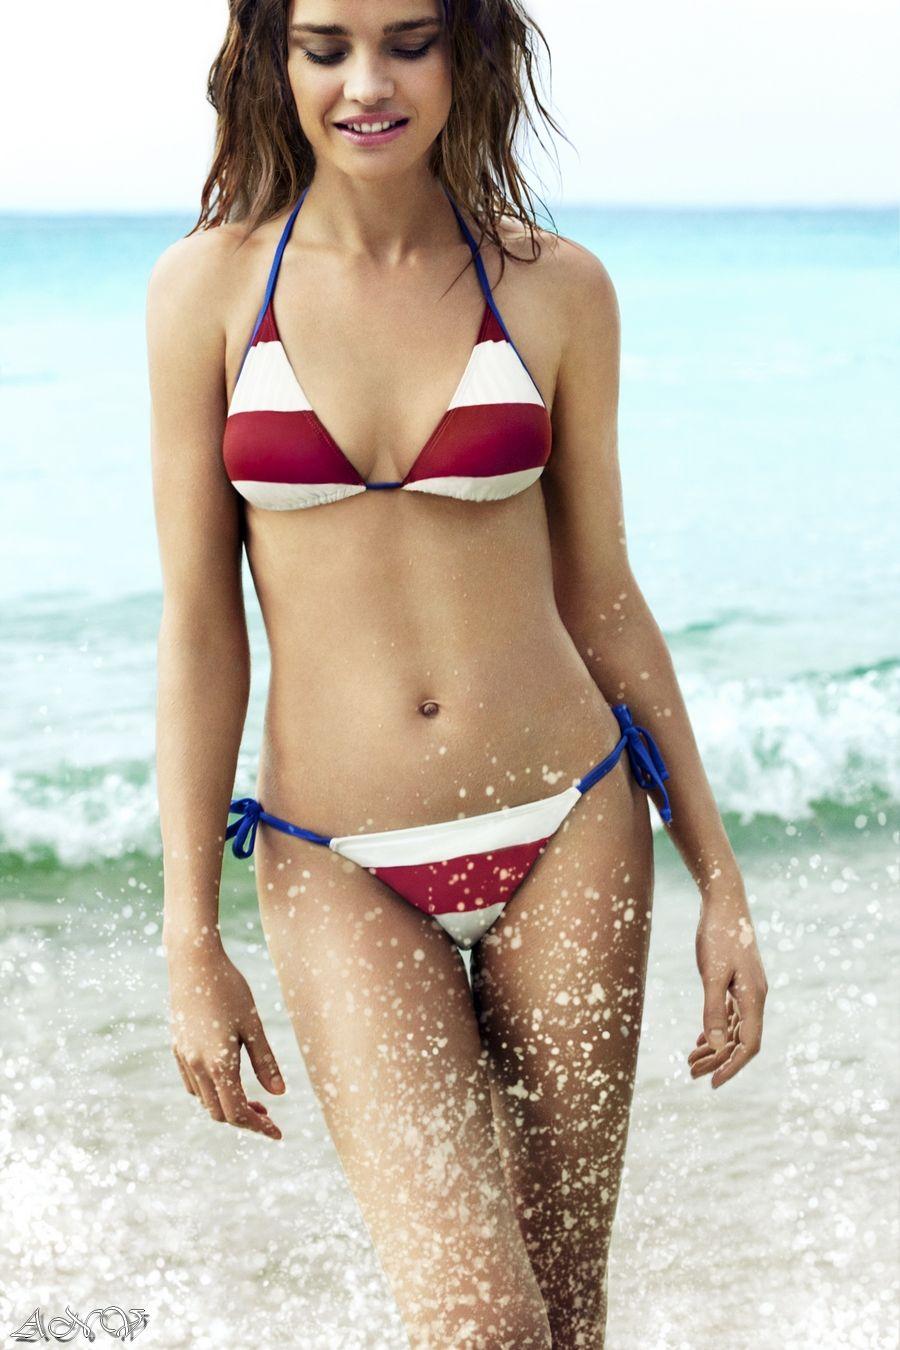 Bikini Natalia Vodianova nude (23 photos), Topless, Bikini, Instagram, cleavage 2018